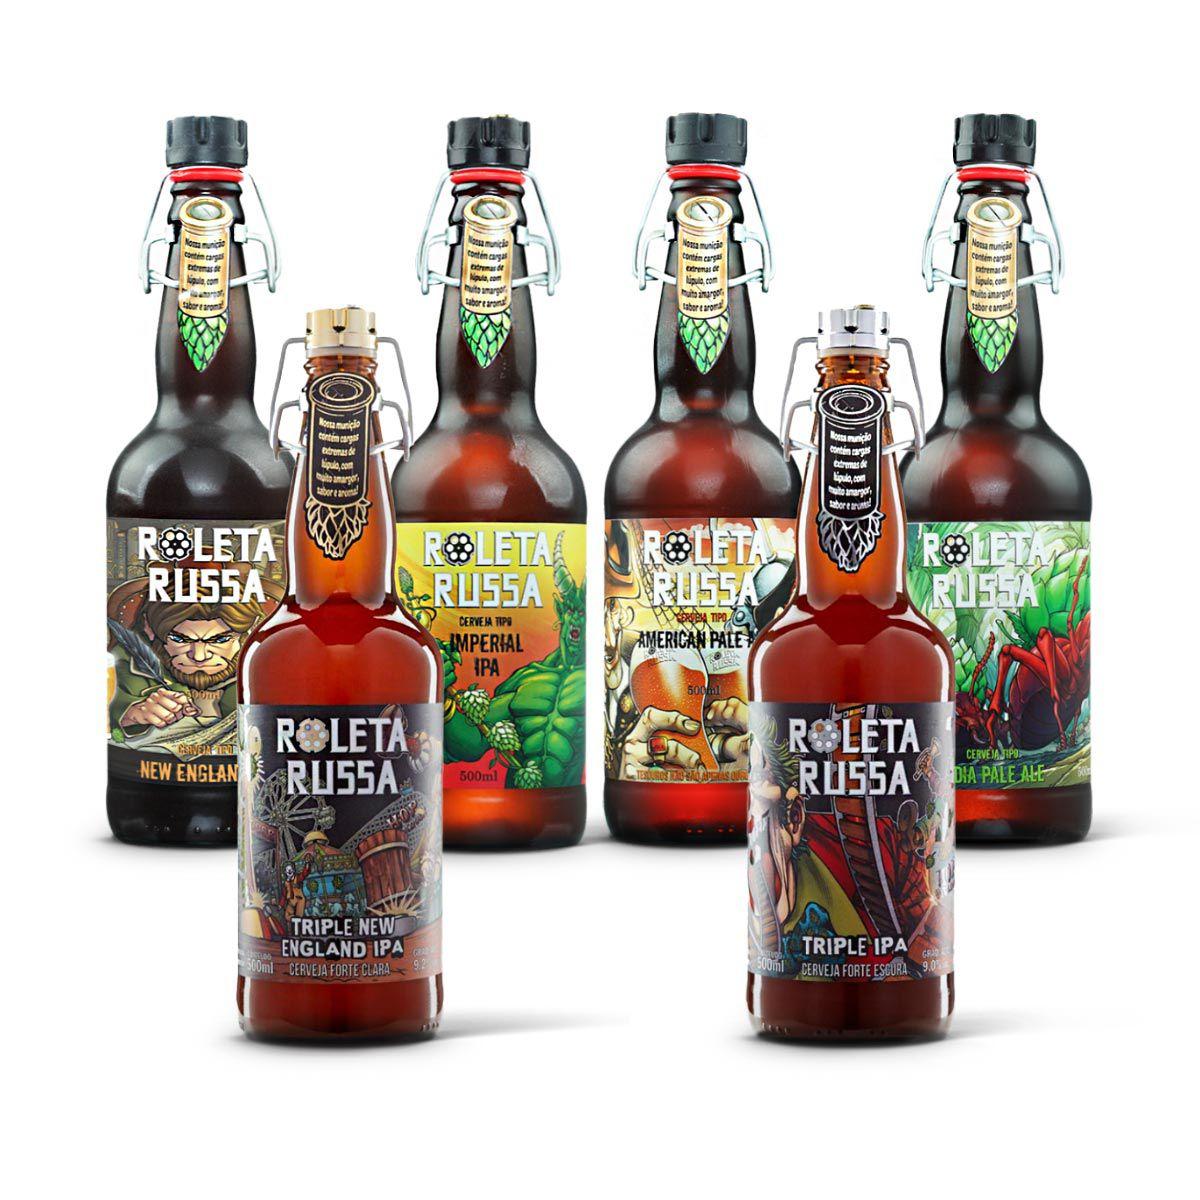 Kit degustação Roleta Russa 6 cervejas